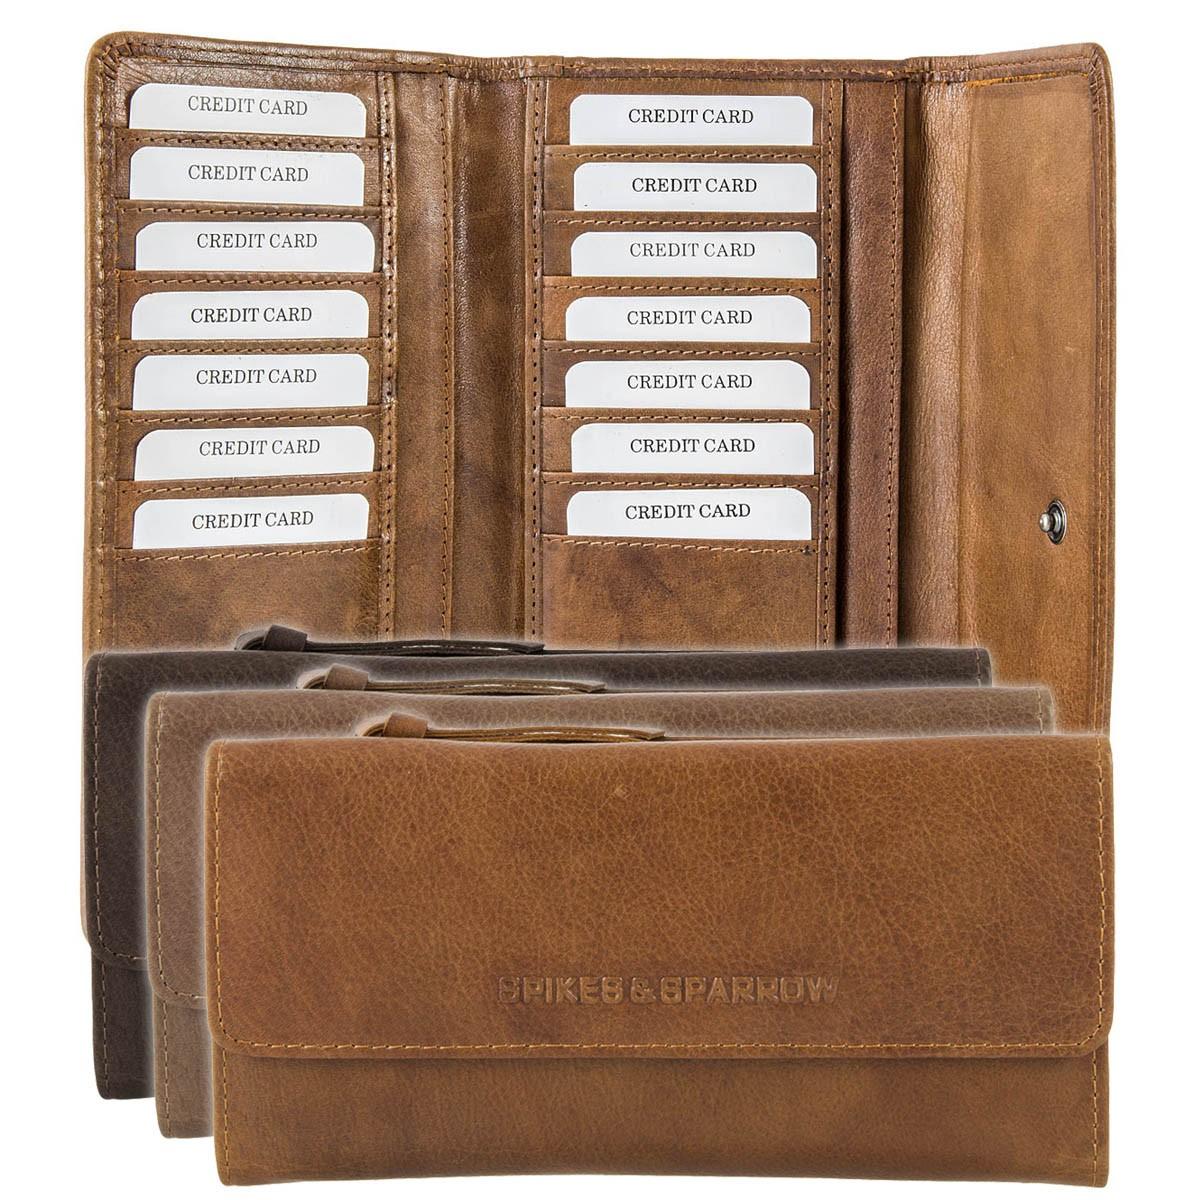 Spikes & Sparrow Savannah Leder Geldbörse Portemonnaie R-224 SA